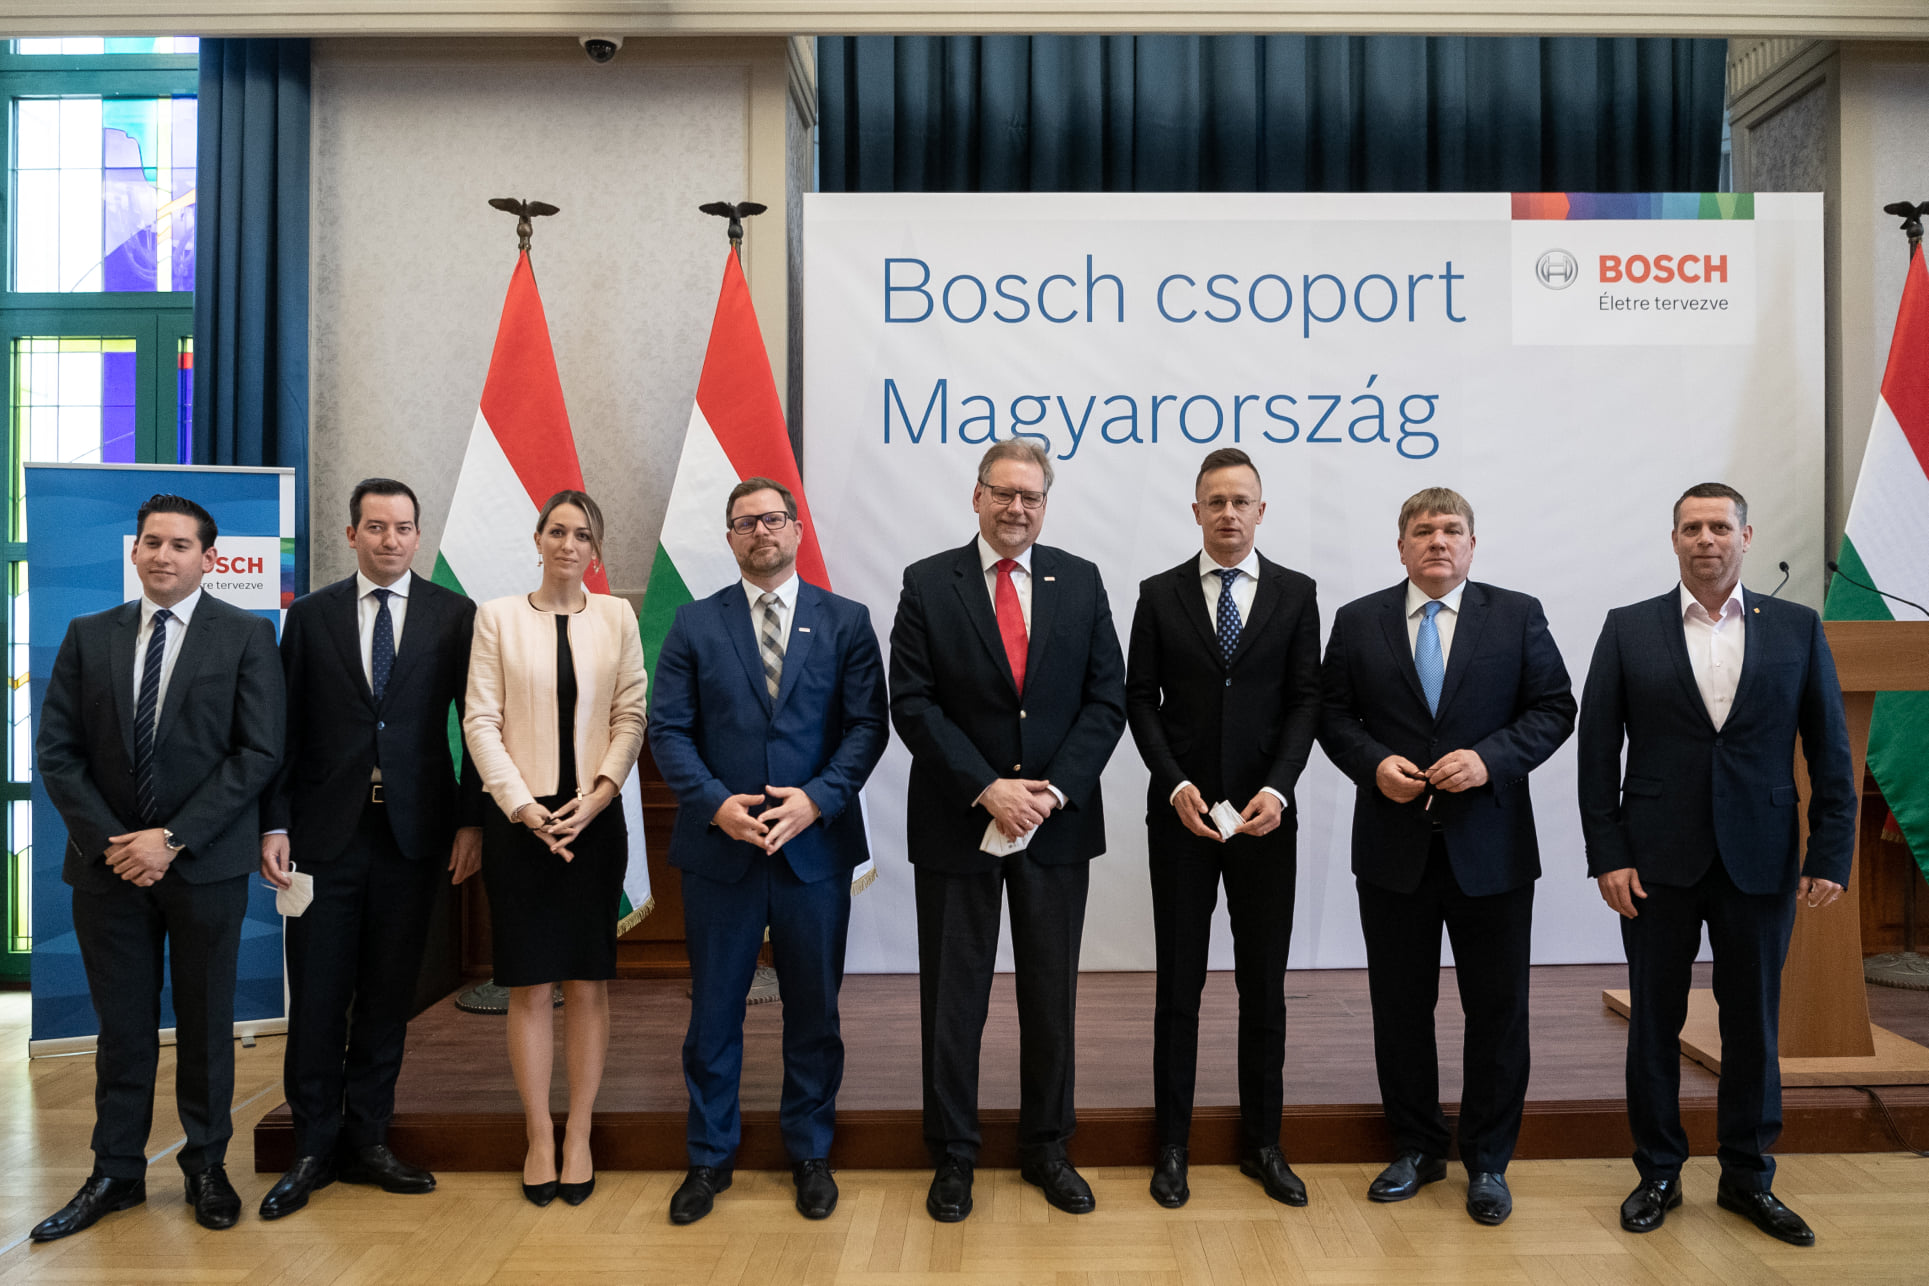 Bosch Building HUF 6 Bn Regional Service Centre in Vecsés